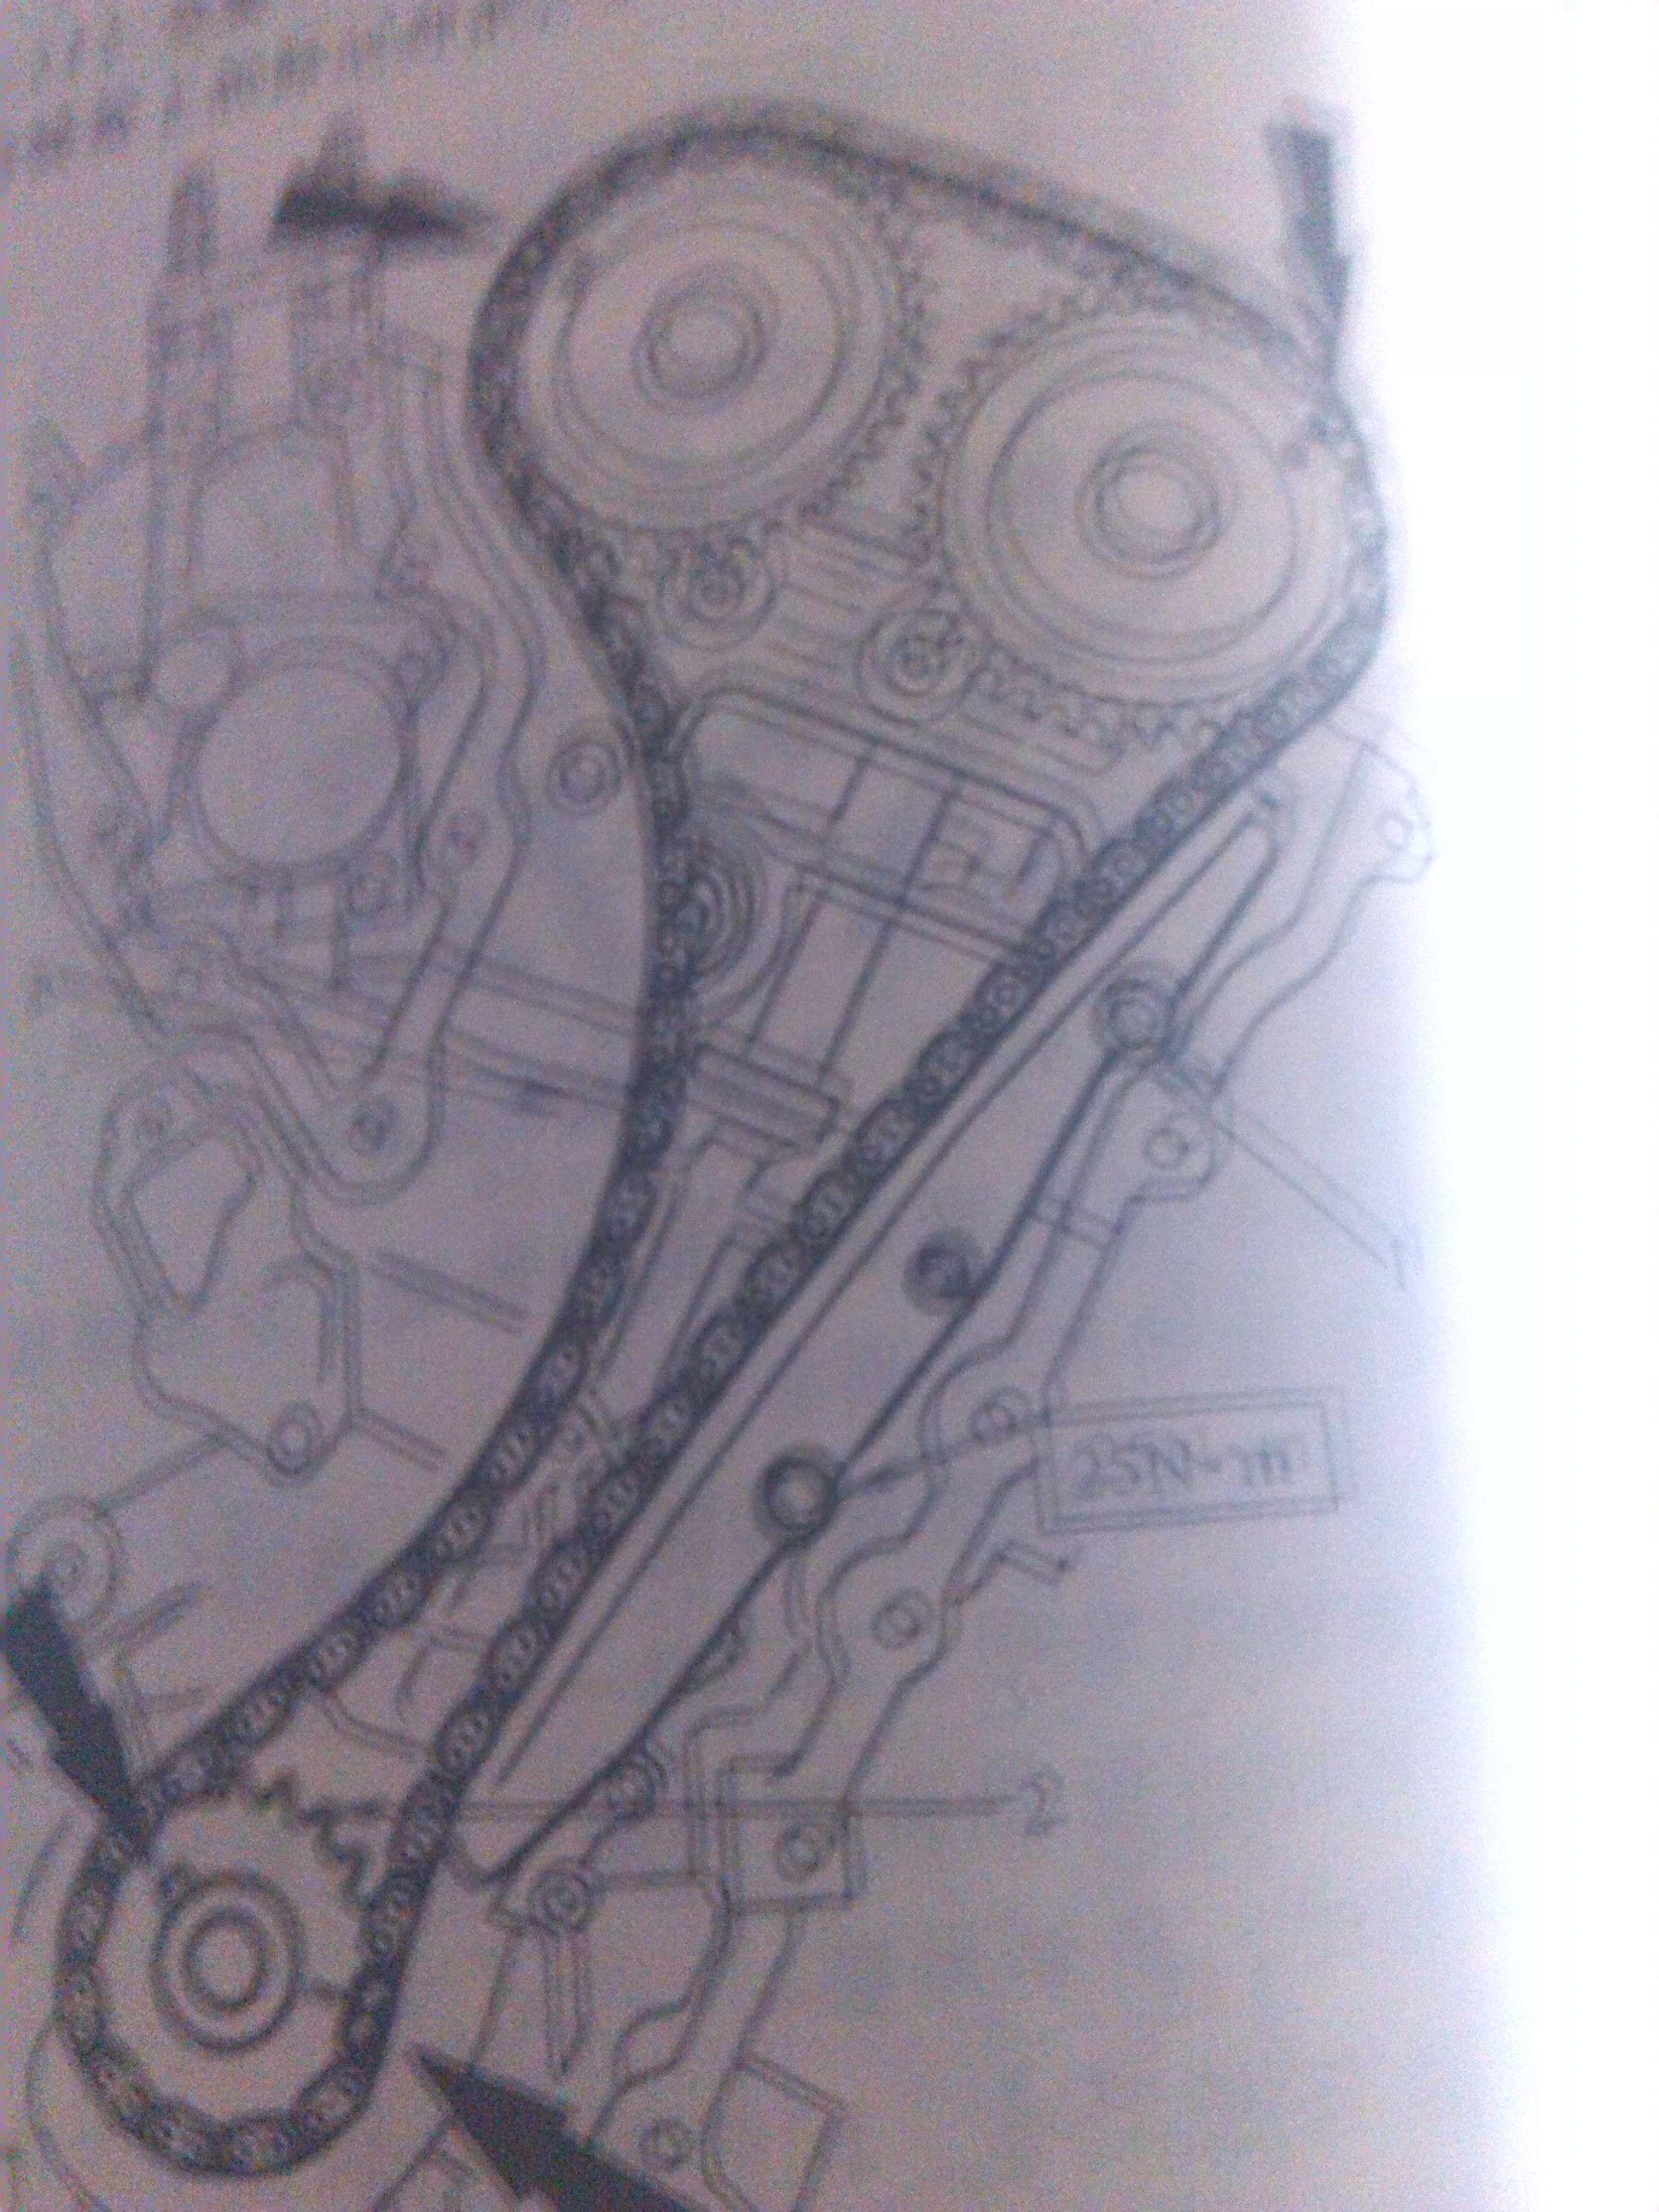 深色链条和链轮标记对齐 福特蒙迪欧2.3l3发动机正时链条 高清图片